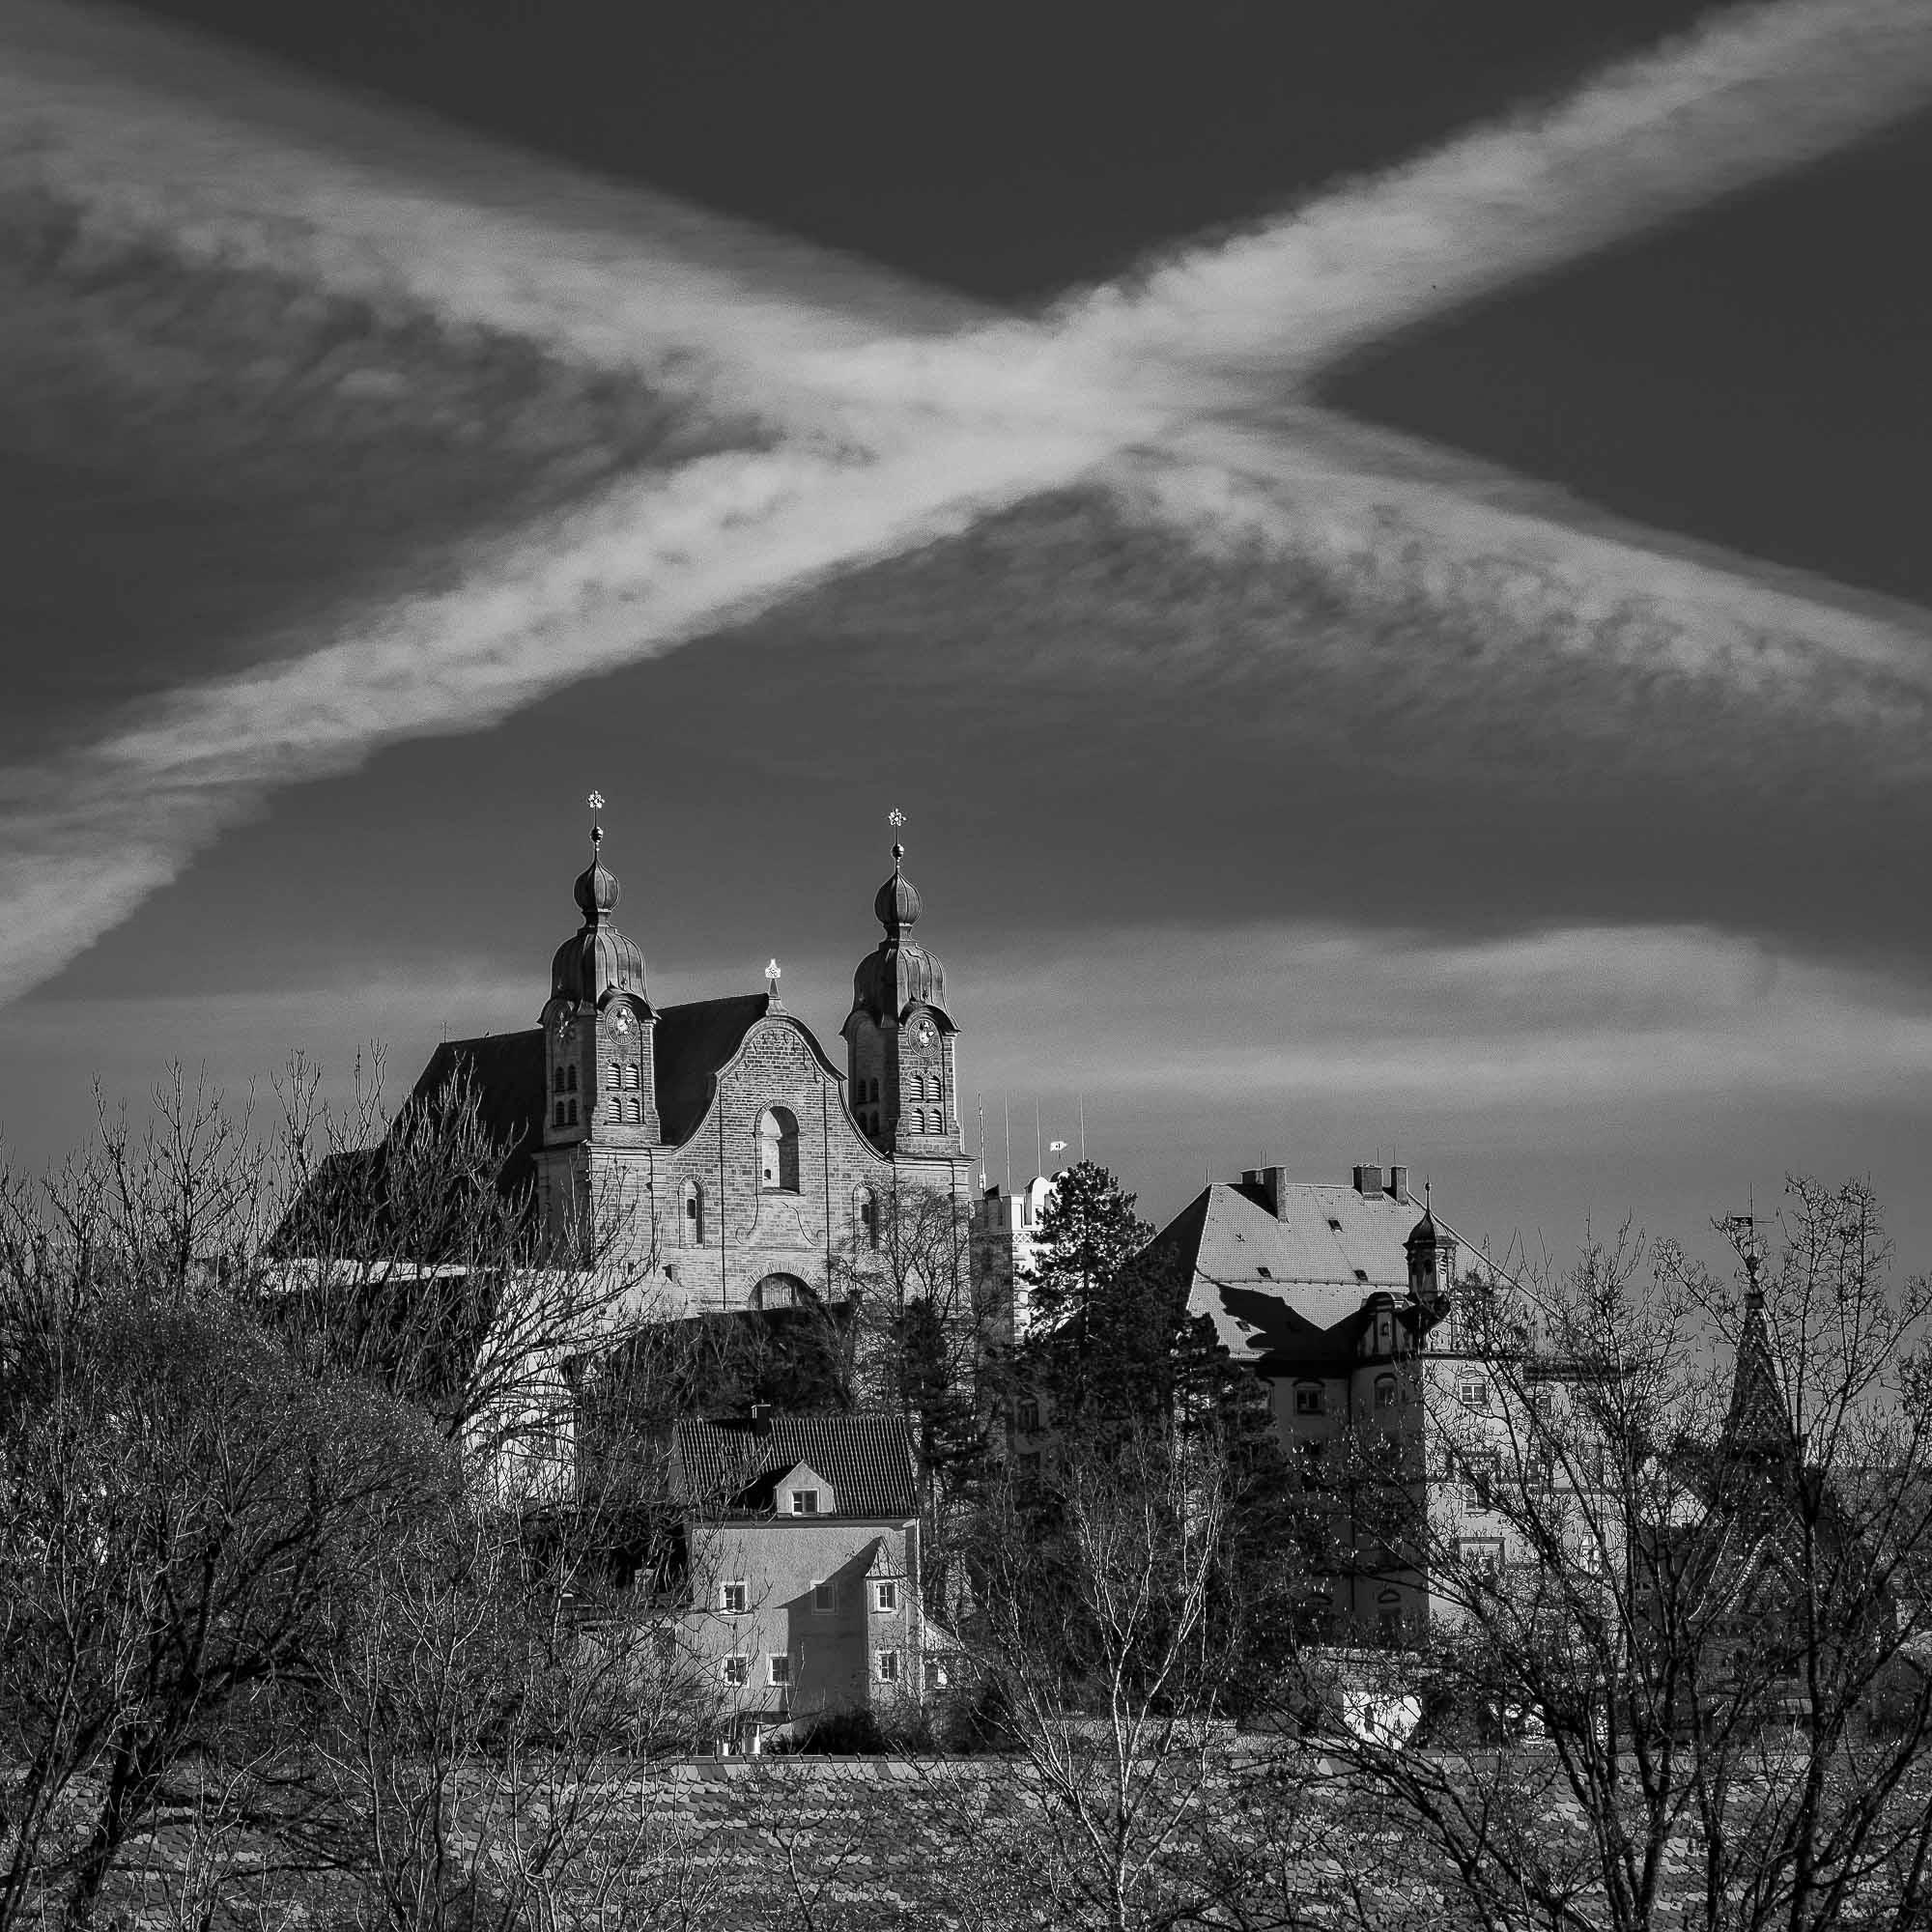 Himmelskreuz über Heilig Kreuz, Landsberg am Lech